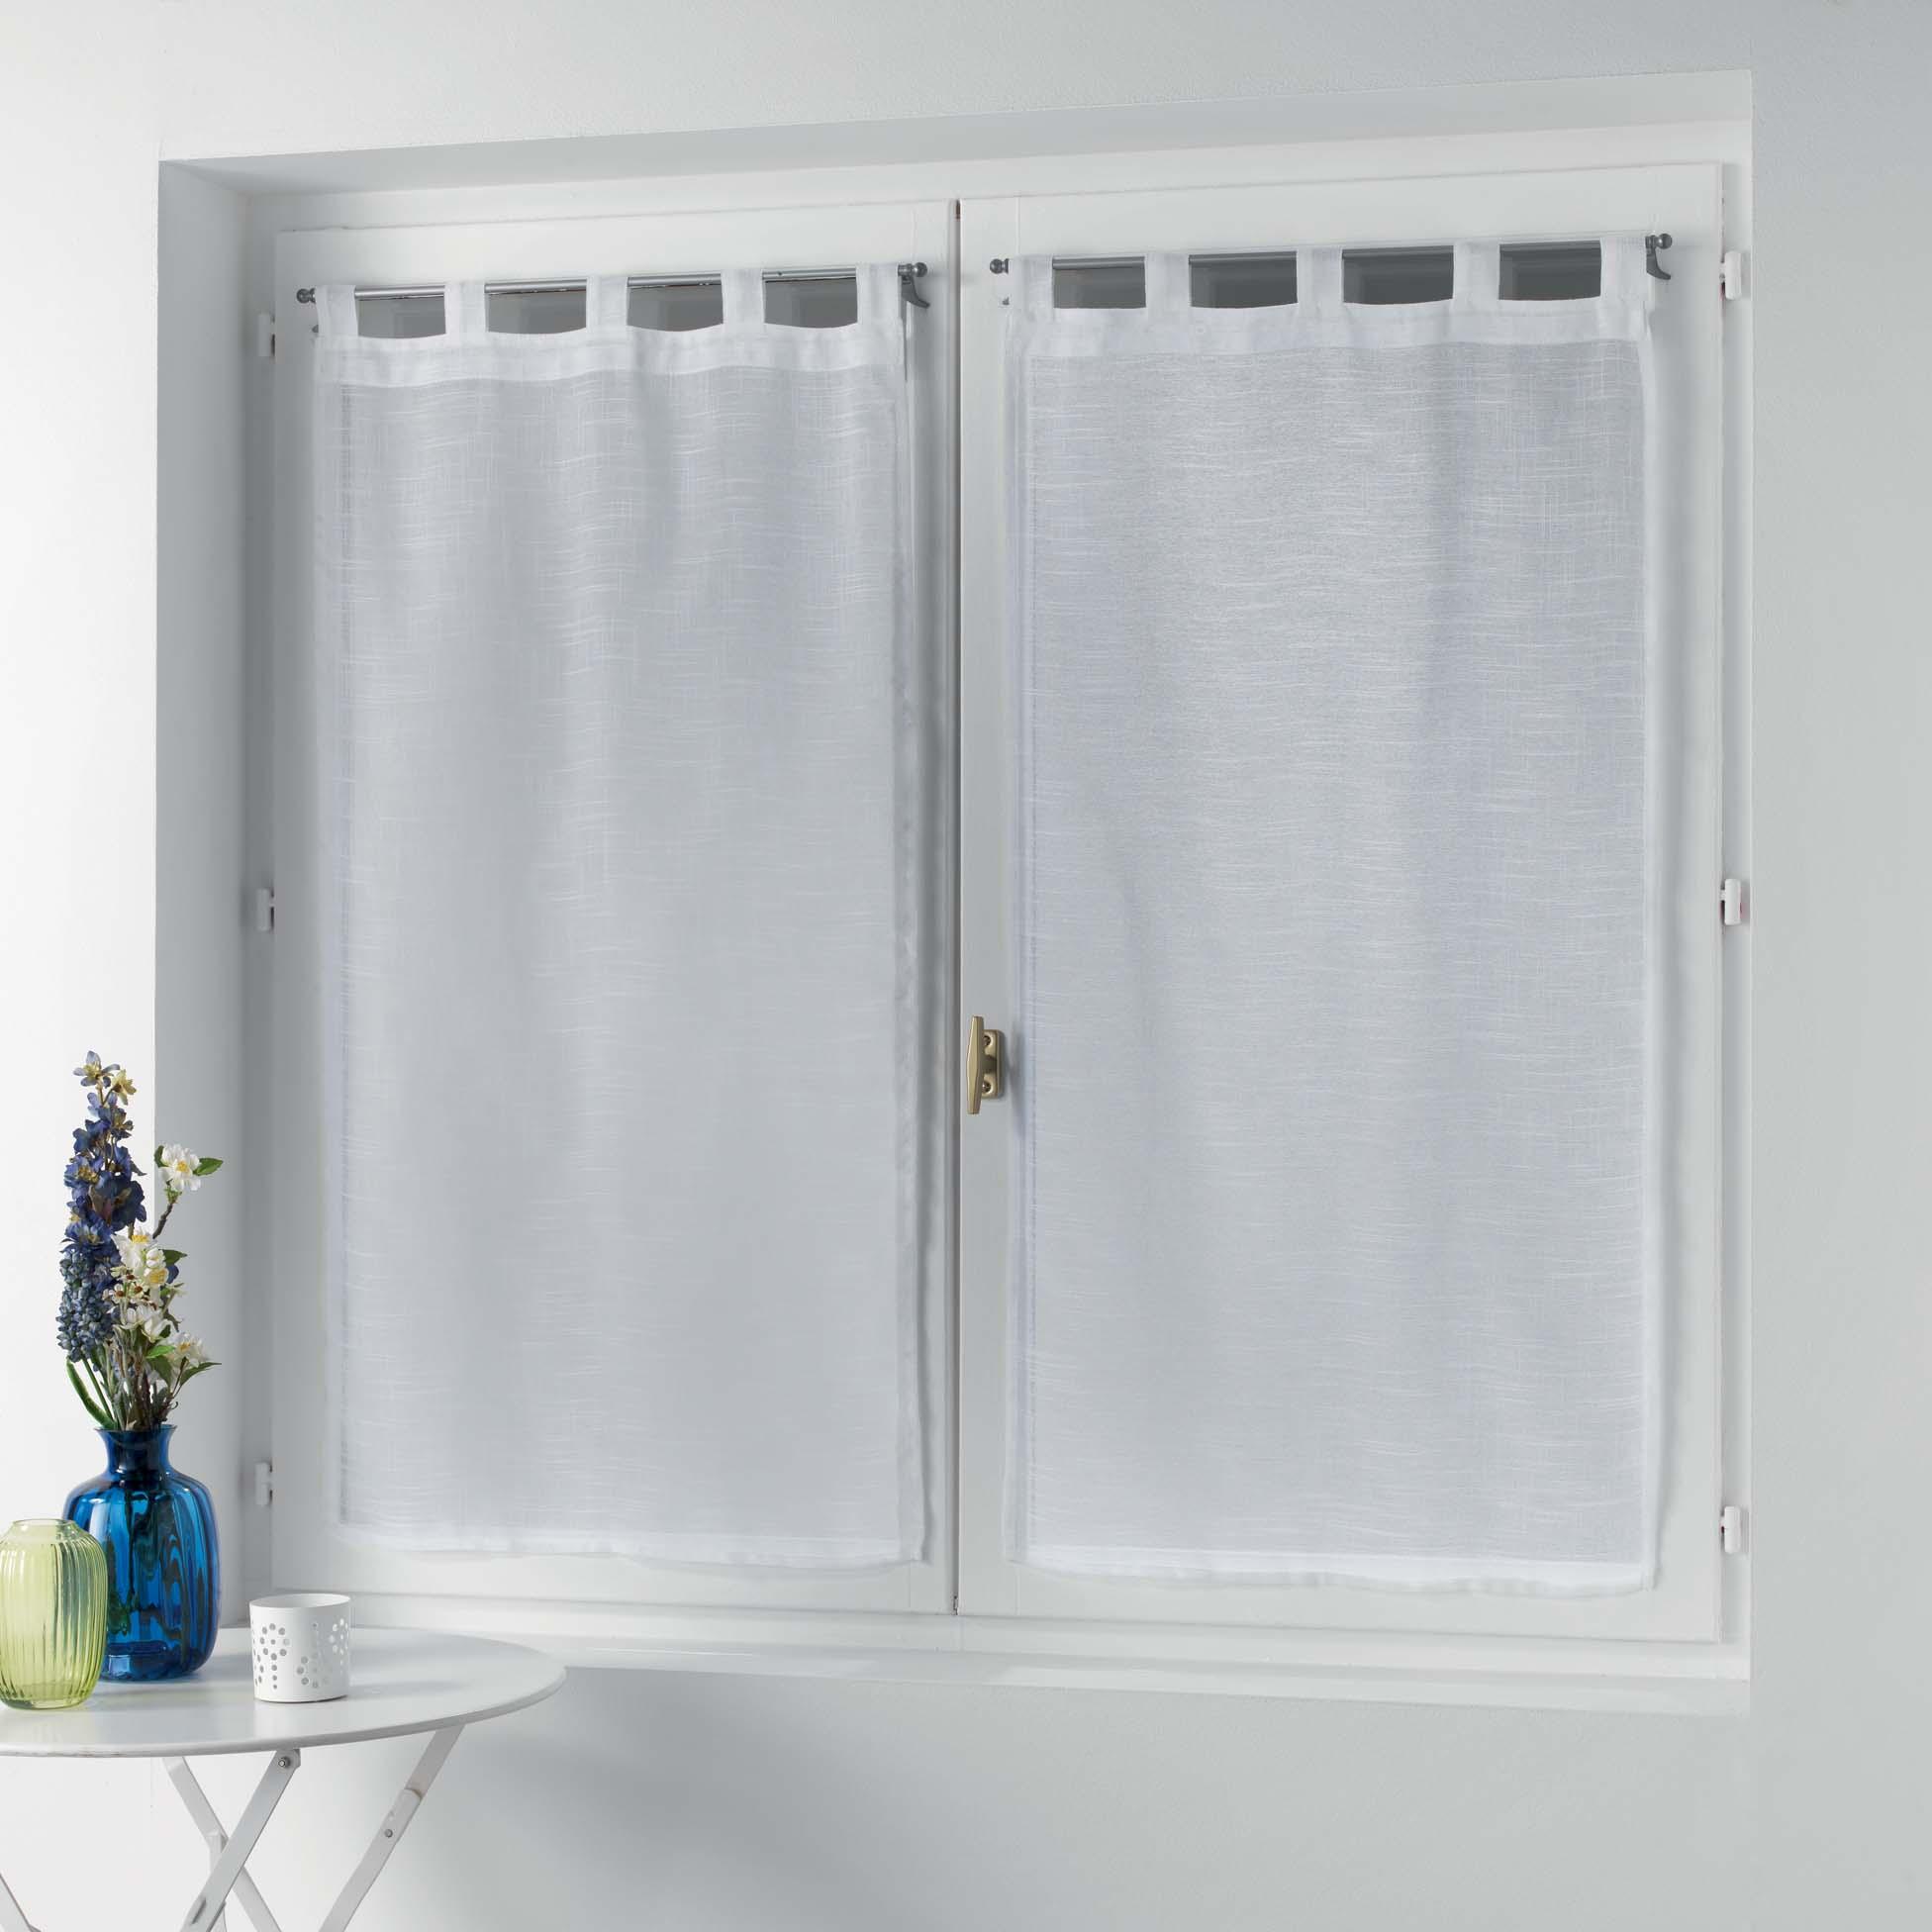 Petits vitrages droits à passants unis polyester blanc 90x60